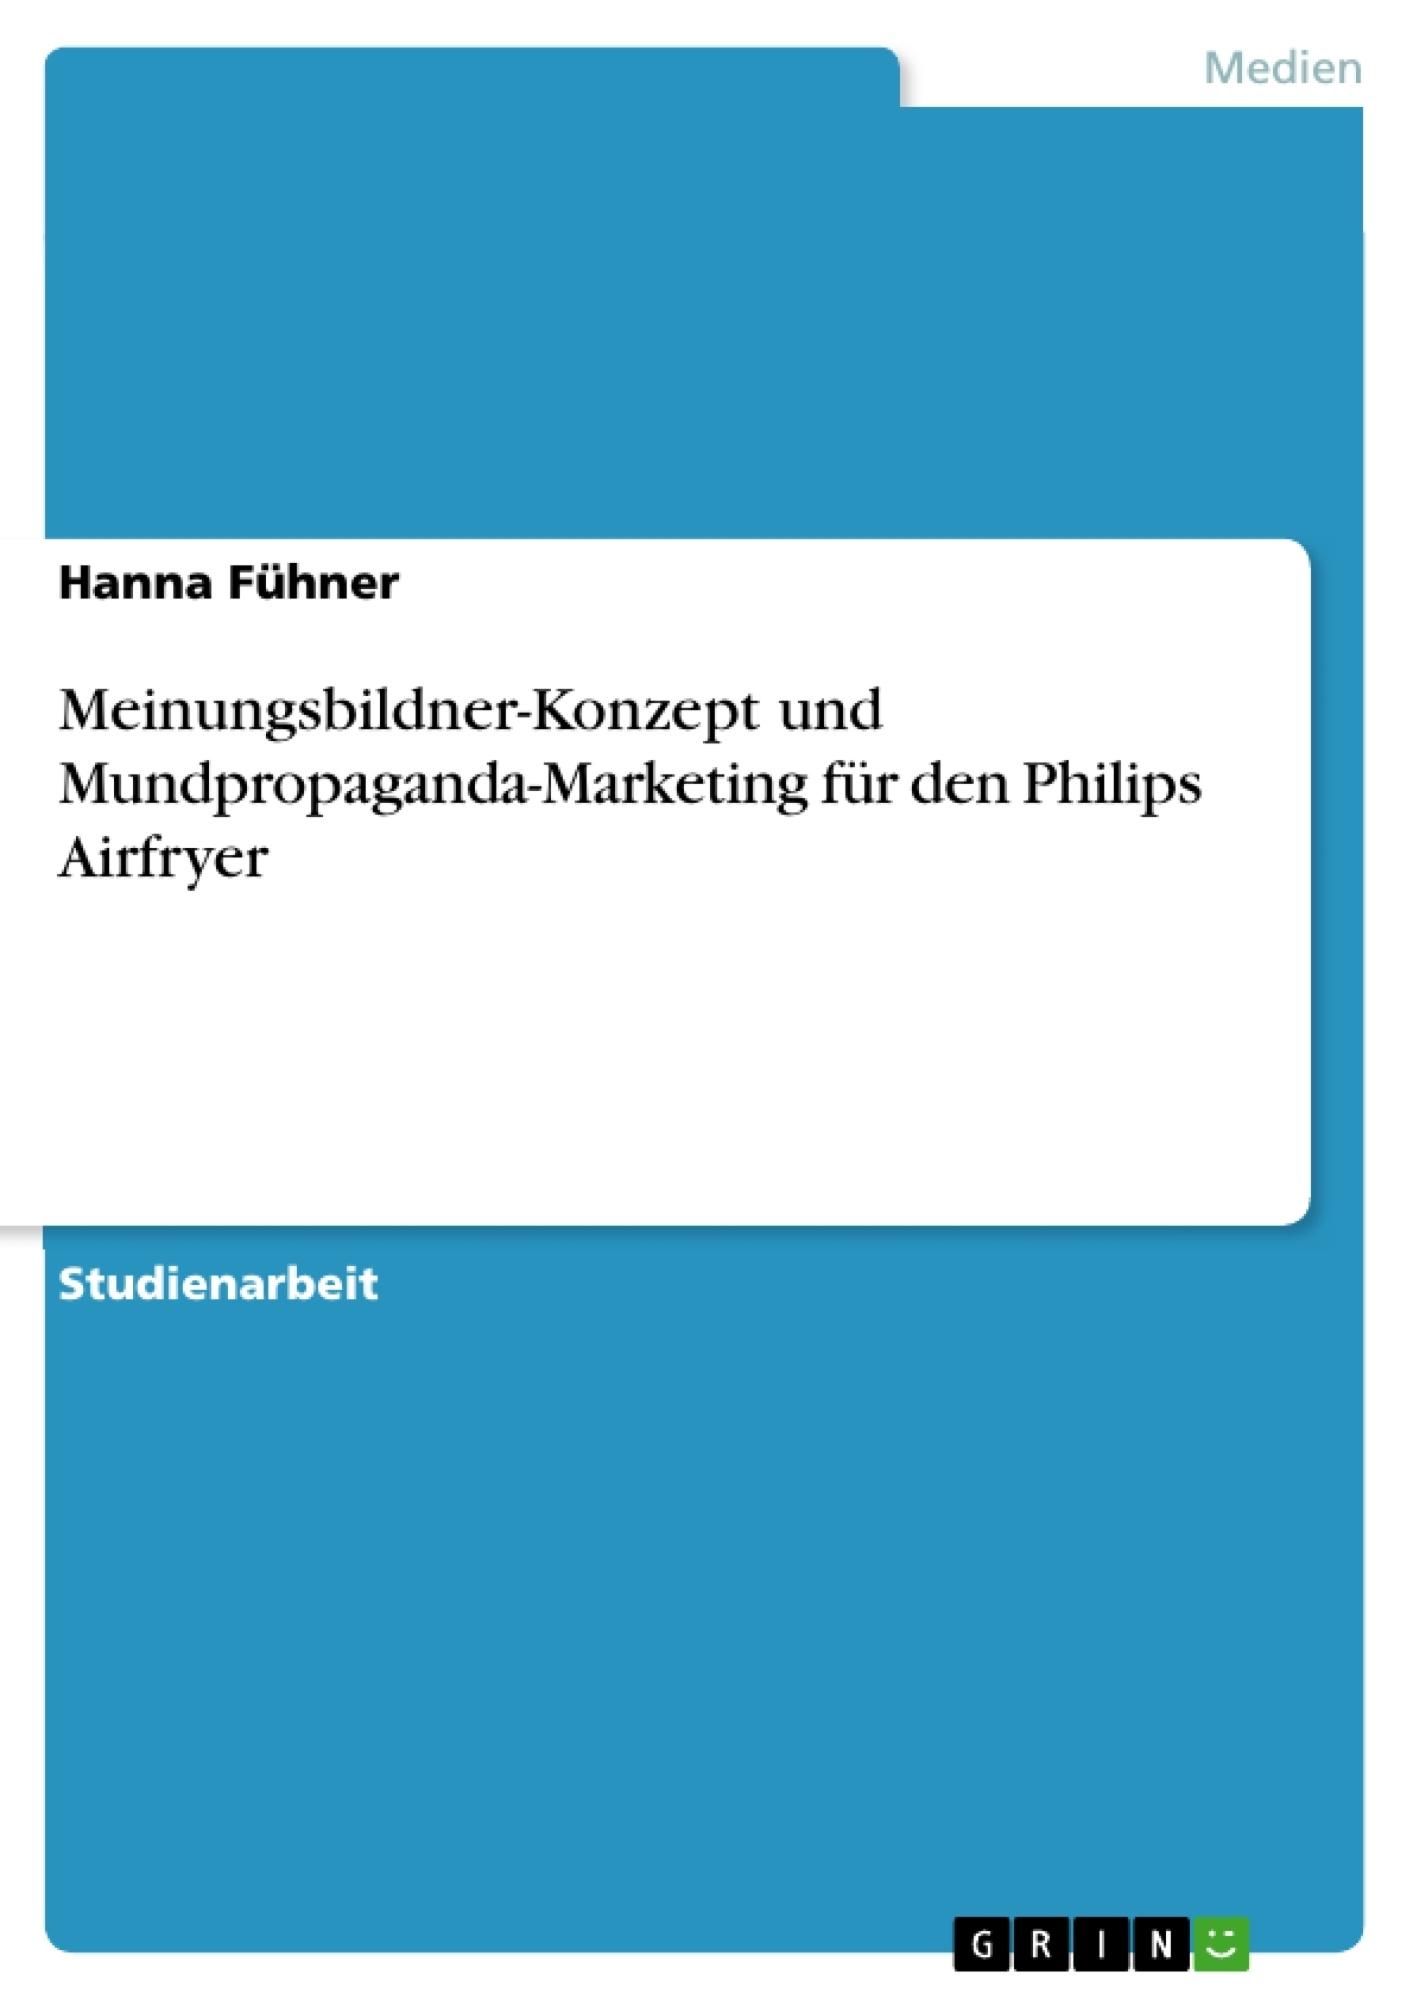 Titel: Meinungsbildner-Konzept und Mundpropaganda-Marketing für den Philips Airfryer